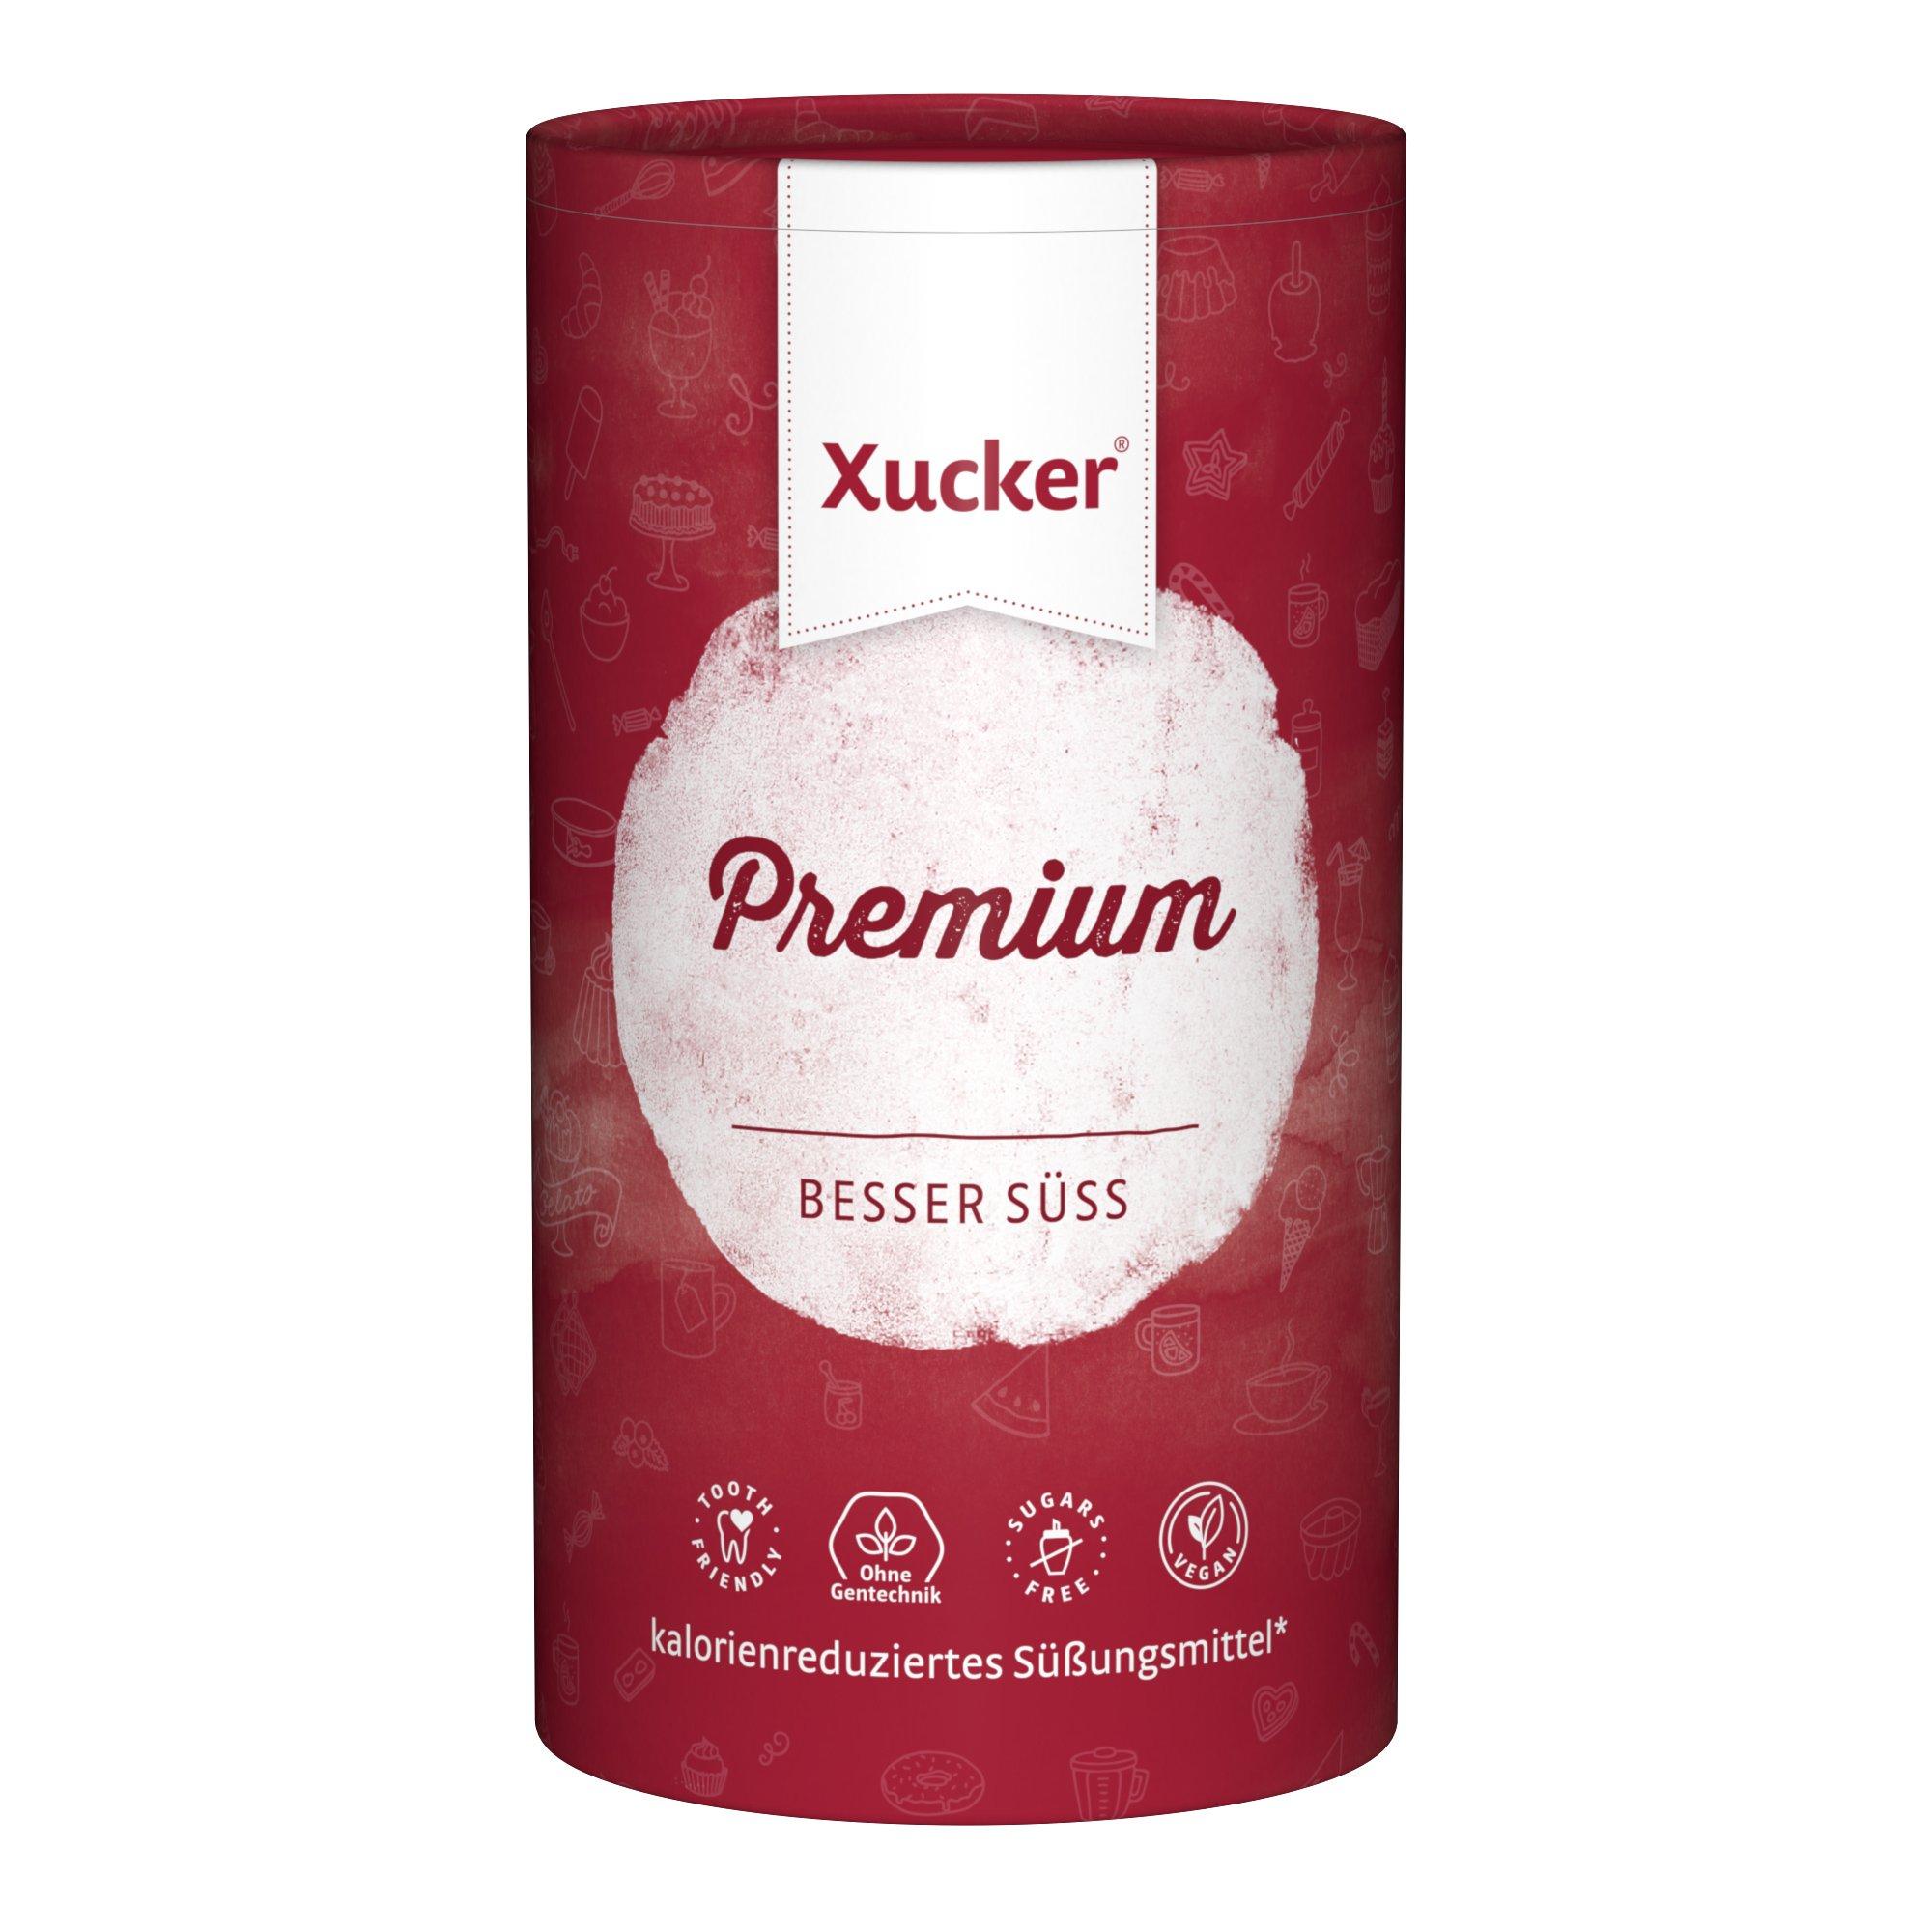 Xucker Premium 1kg kalorienreduzierte Zuckeralternative Xylit - aus Finnland - vegan, glutenfrei, nachhaltig und zahnfreundlich product image